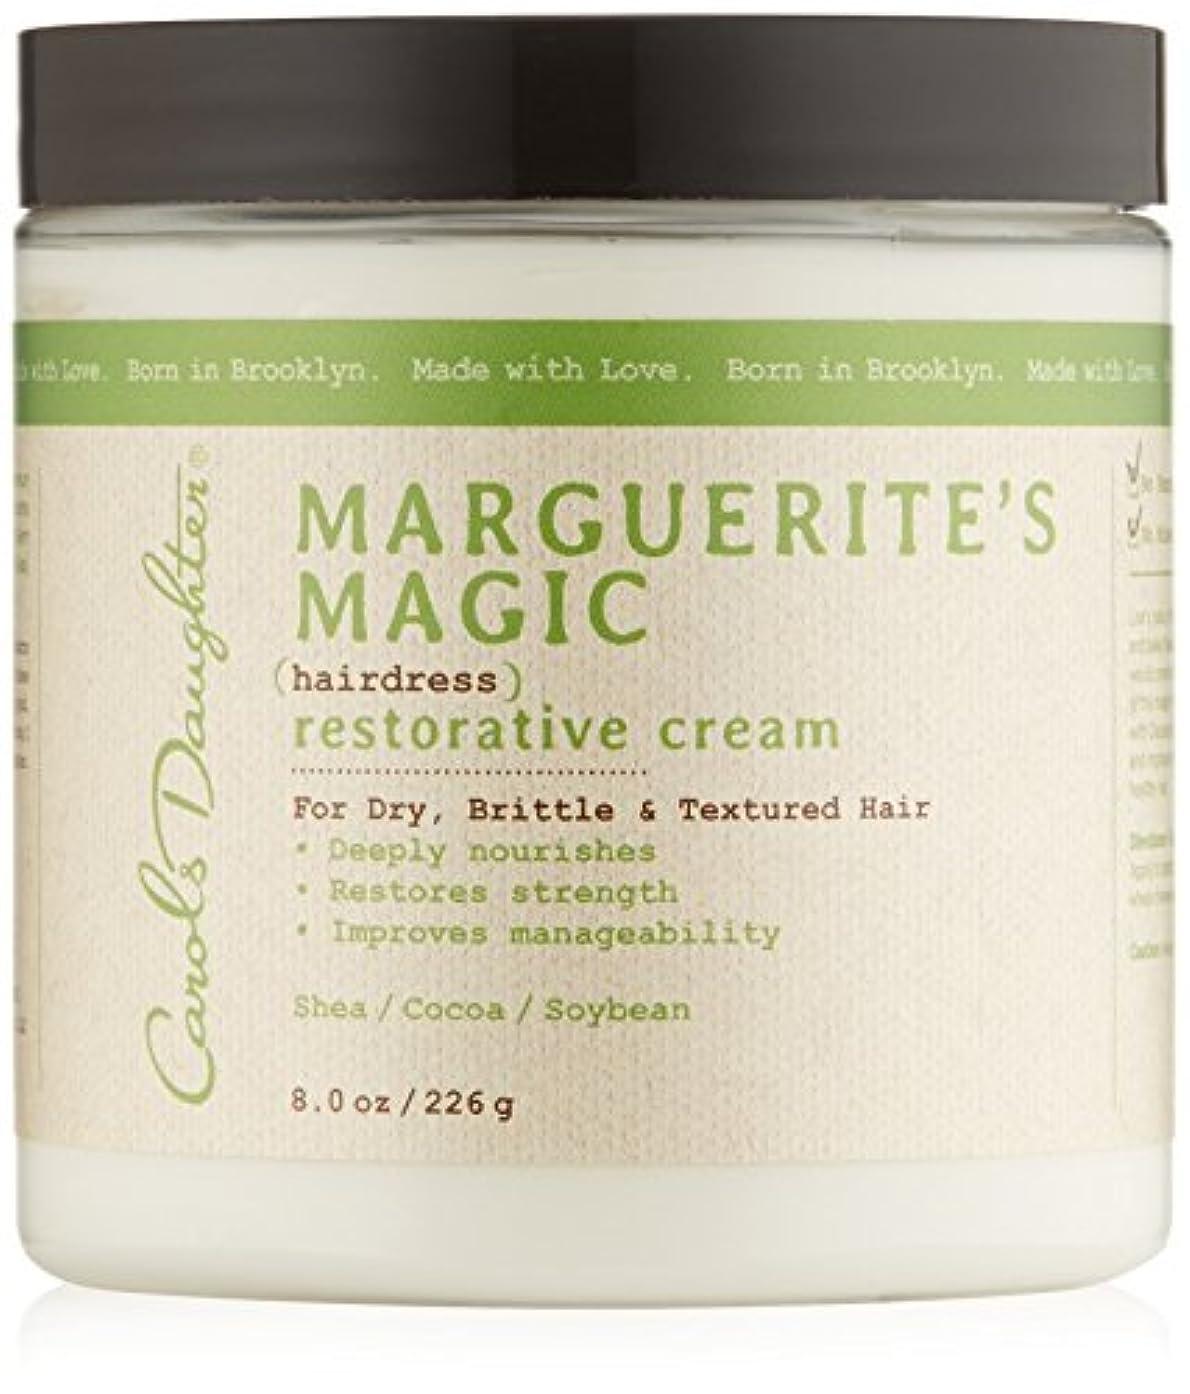 受け皿特異性アトラスキャロルズドーター マルゲリーテス マジック ヘアドレス リストレーティブ クリーム (乾燥して切れやすい髪用) 226g/8oz